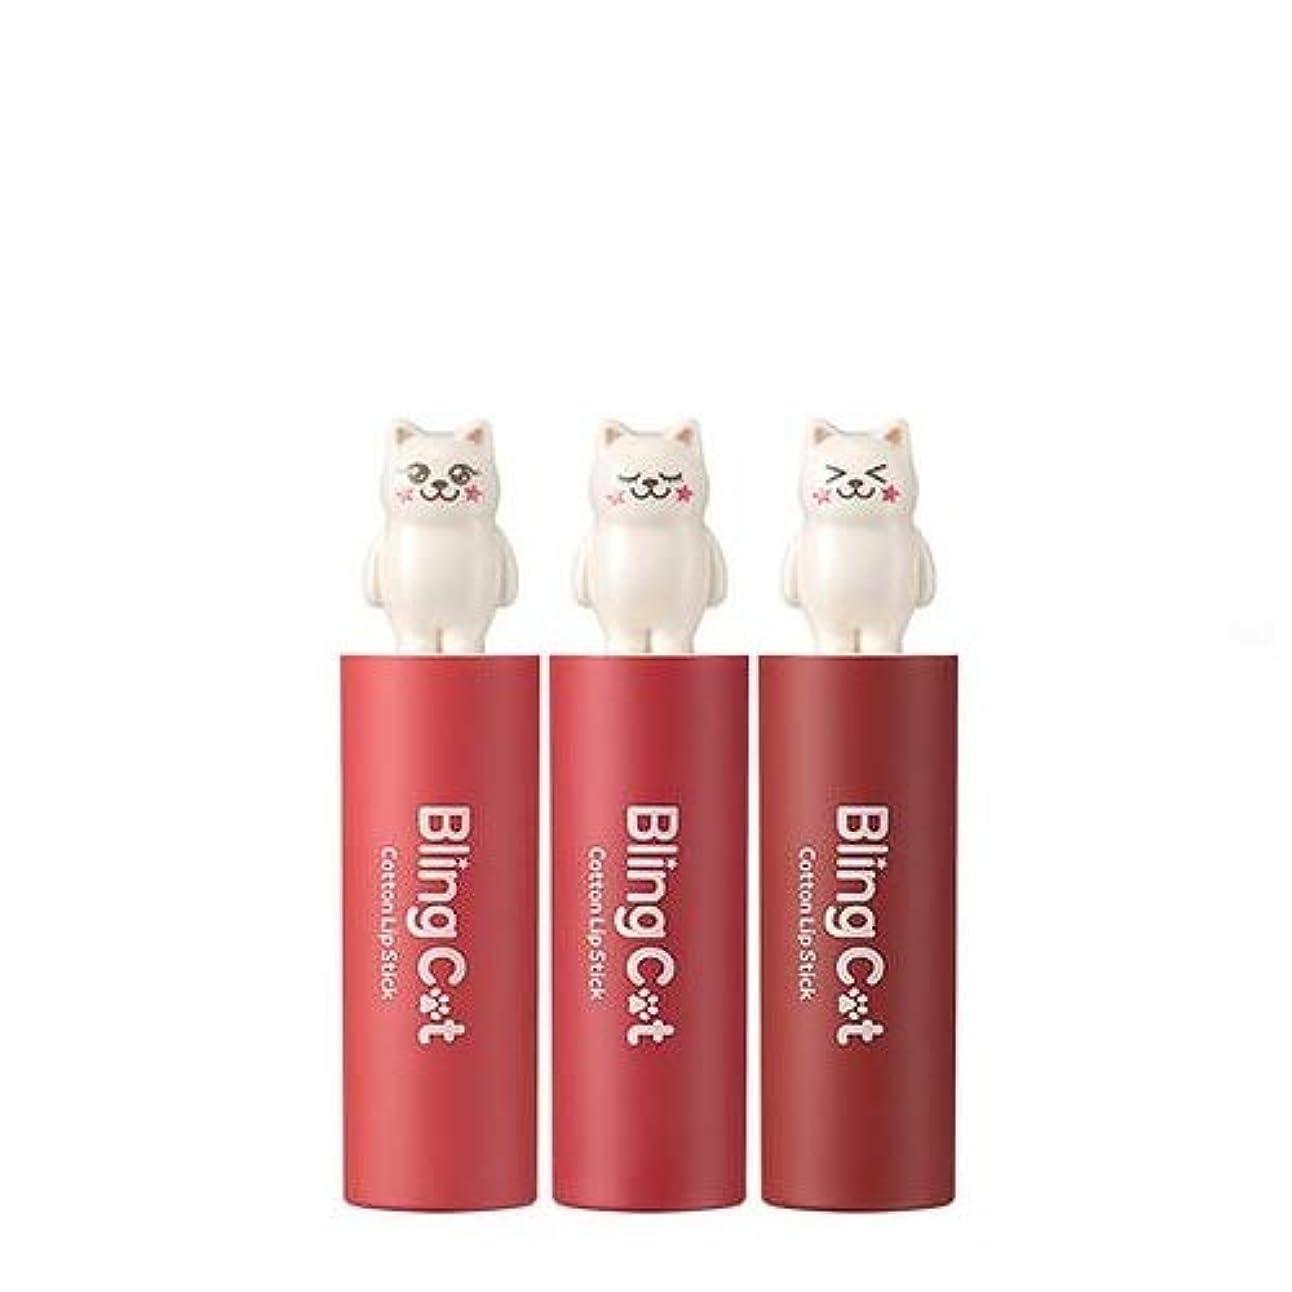 歌う本体アジャトニーモリー ブリングキャット コットン リップスティック 3.4g / TONYMOLY Bling Cat Cotton Lipstick # 01. Wild Kiss [並行輸入品]